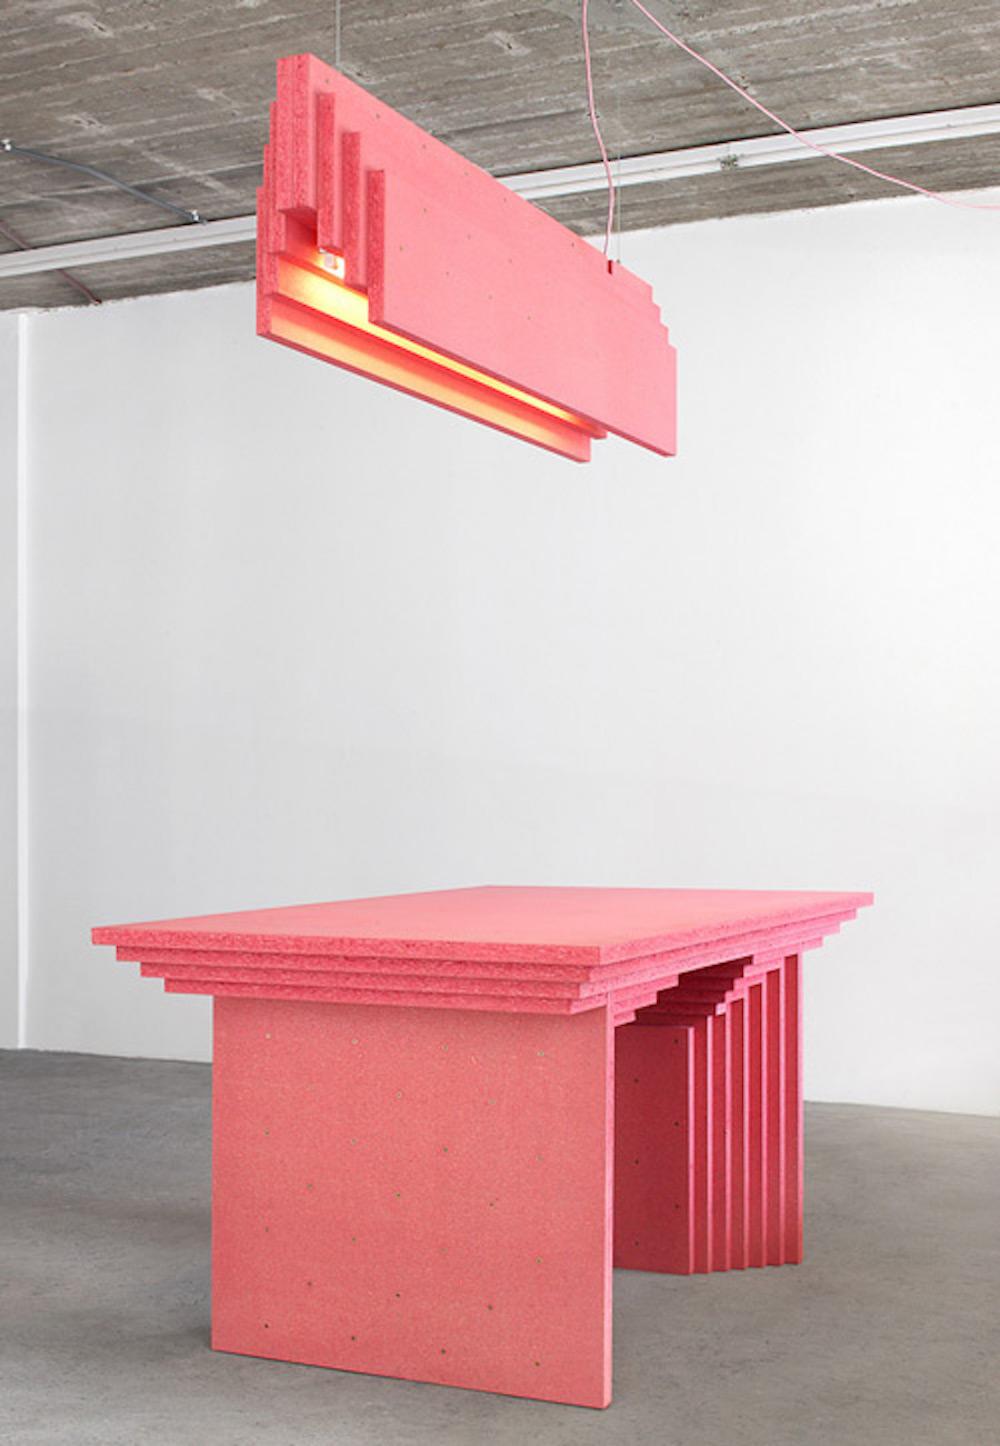 Table et suspension en contreplaqué de bois Collection Kamer Renee, Éditeur Maniera, architecte de Vylder Vinck Taillieu